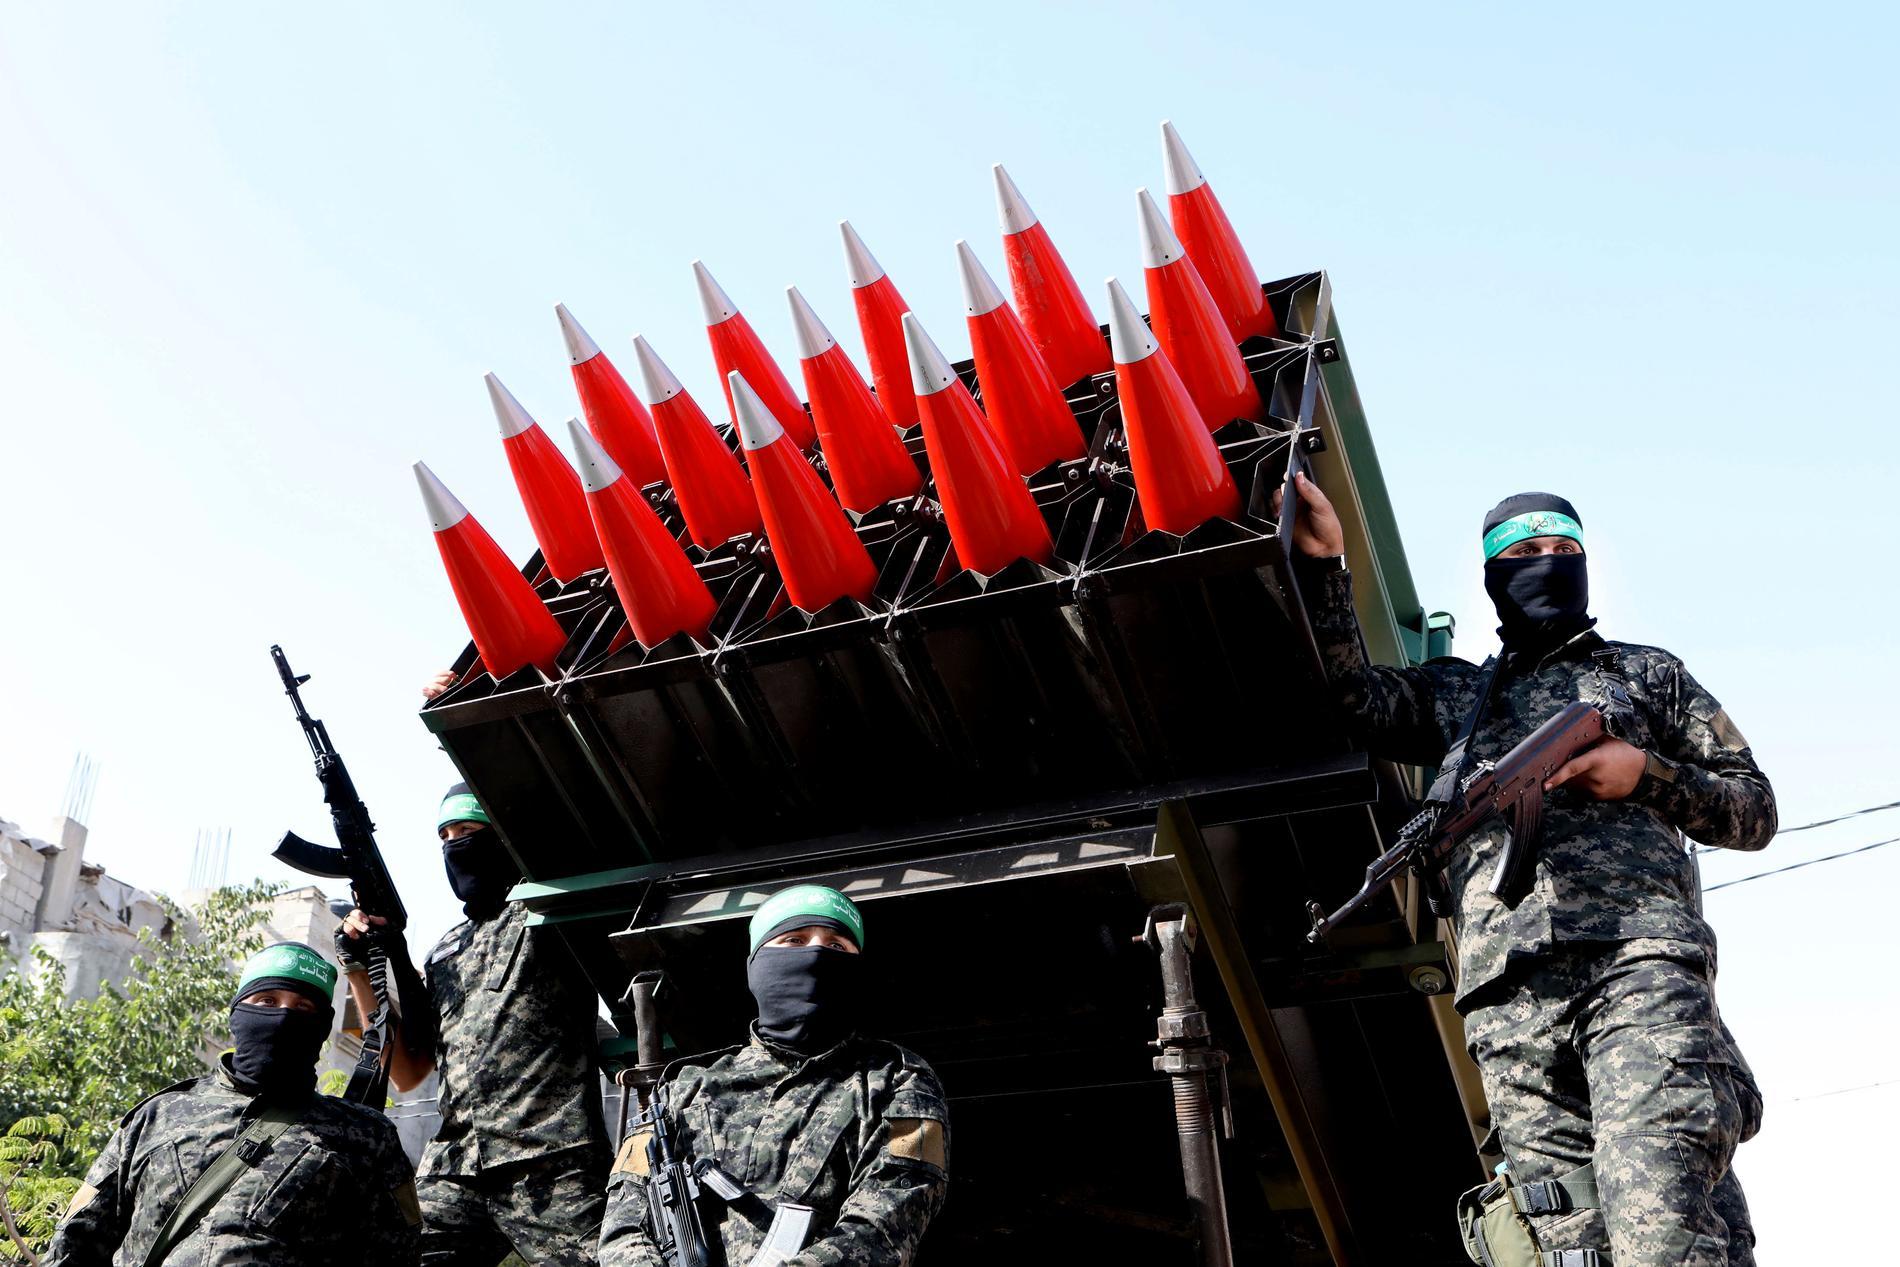 Mycket av Hamas vapenstyrka har tillverkats i underjordiska vapensmedjor